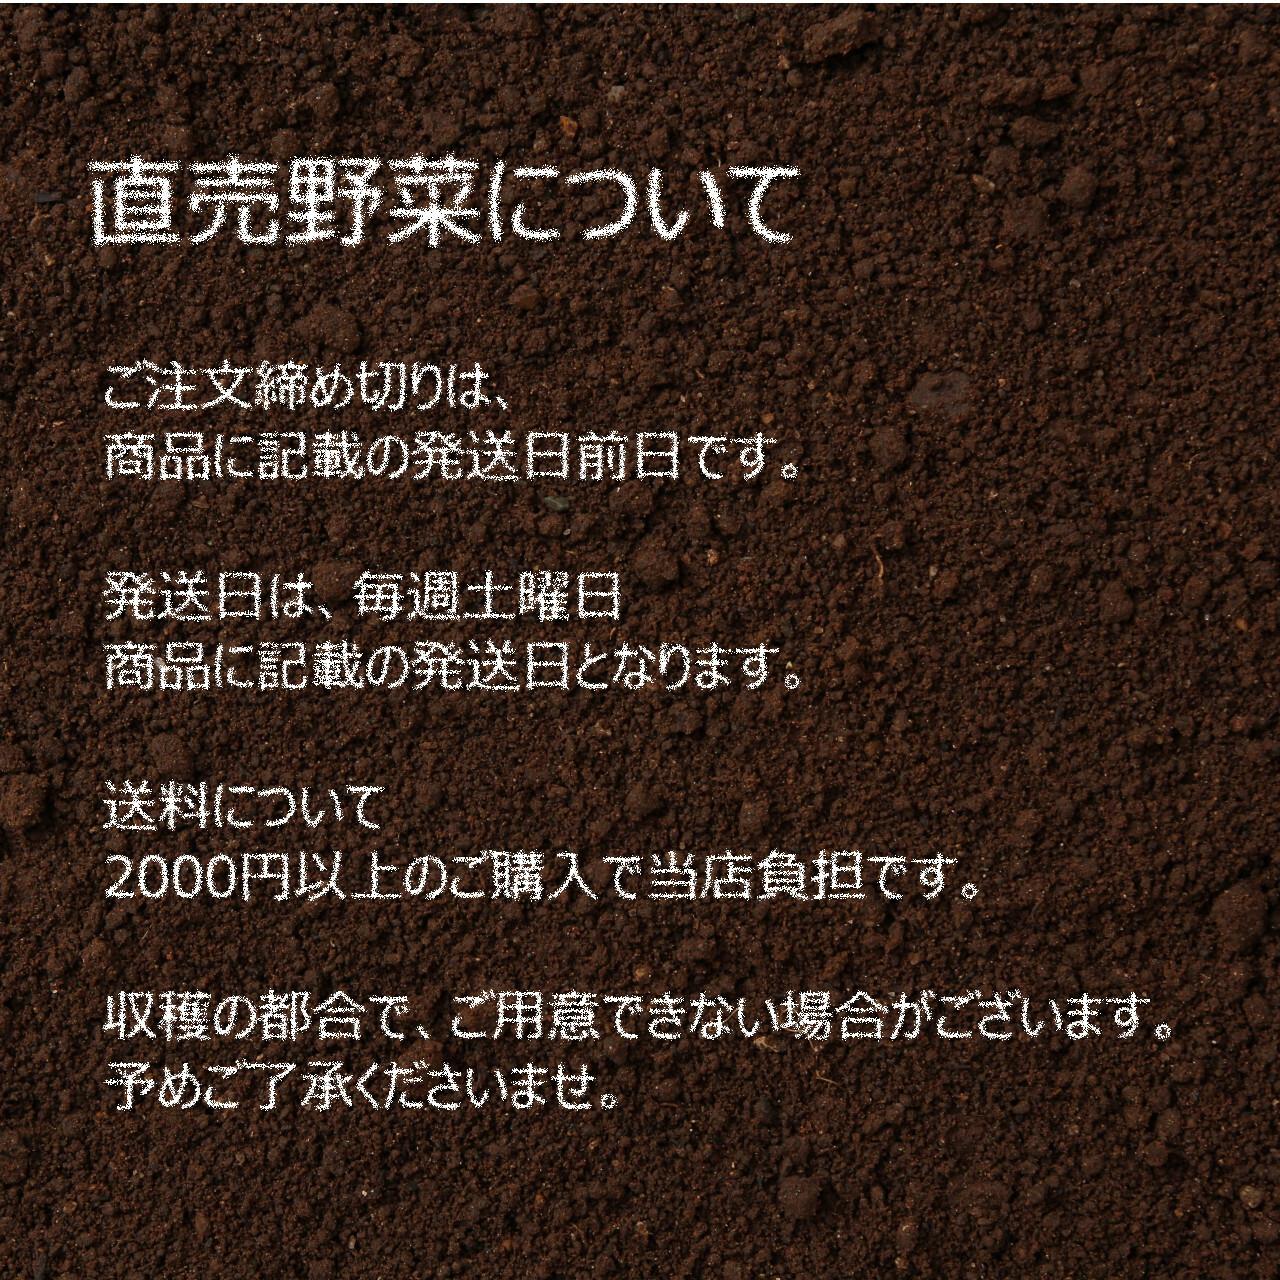 新鮮な夏野菜 : チンゲン菜 約300g 8月の朝採り直売野菜 8月31日発送予定